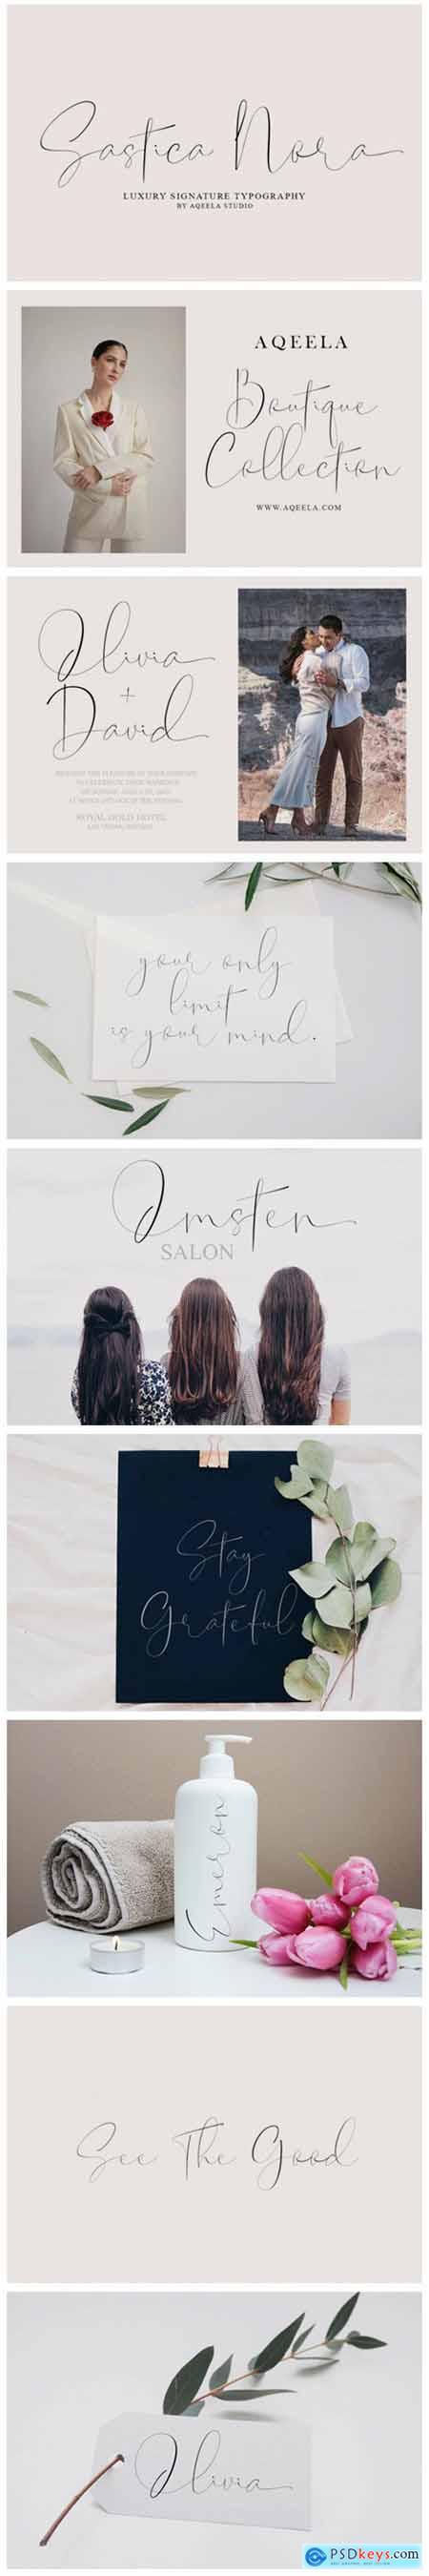 Sastica Nora Font